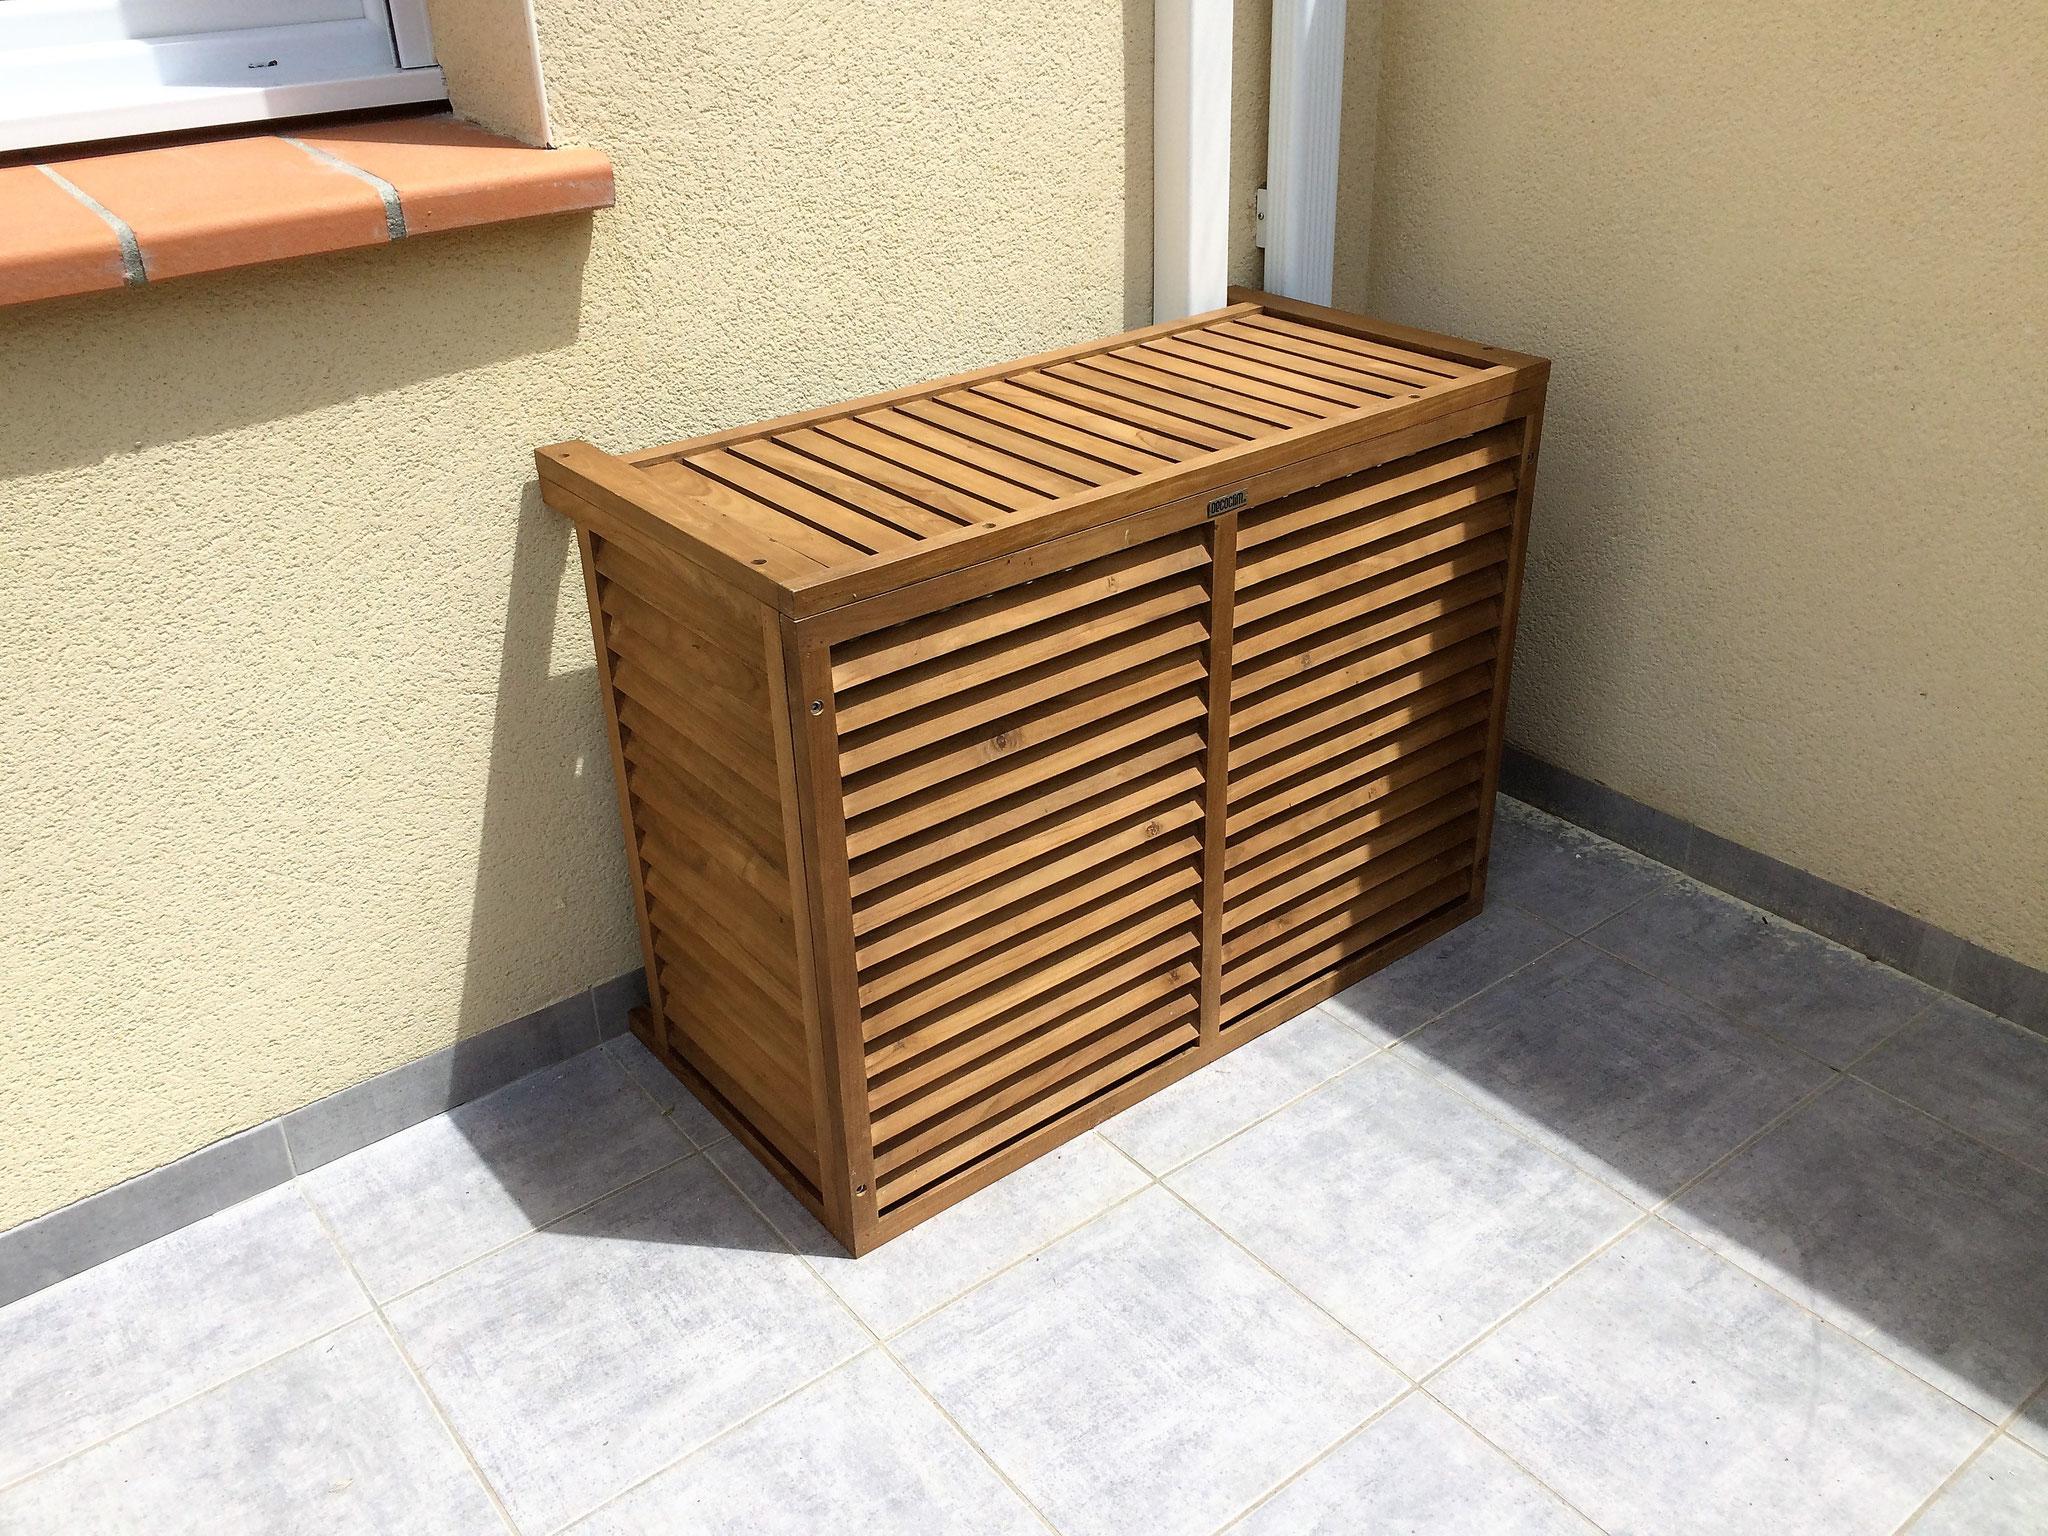 Caisson en teck pour  cacher une climatisation sur une terrasse à Toulouse